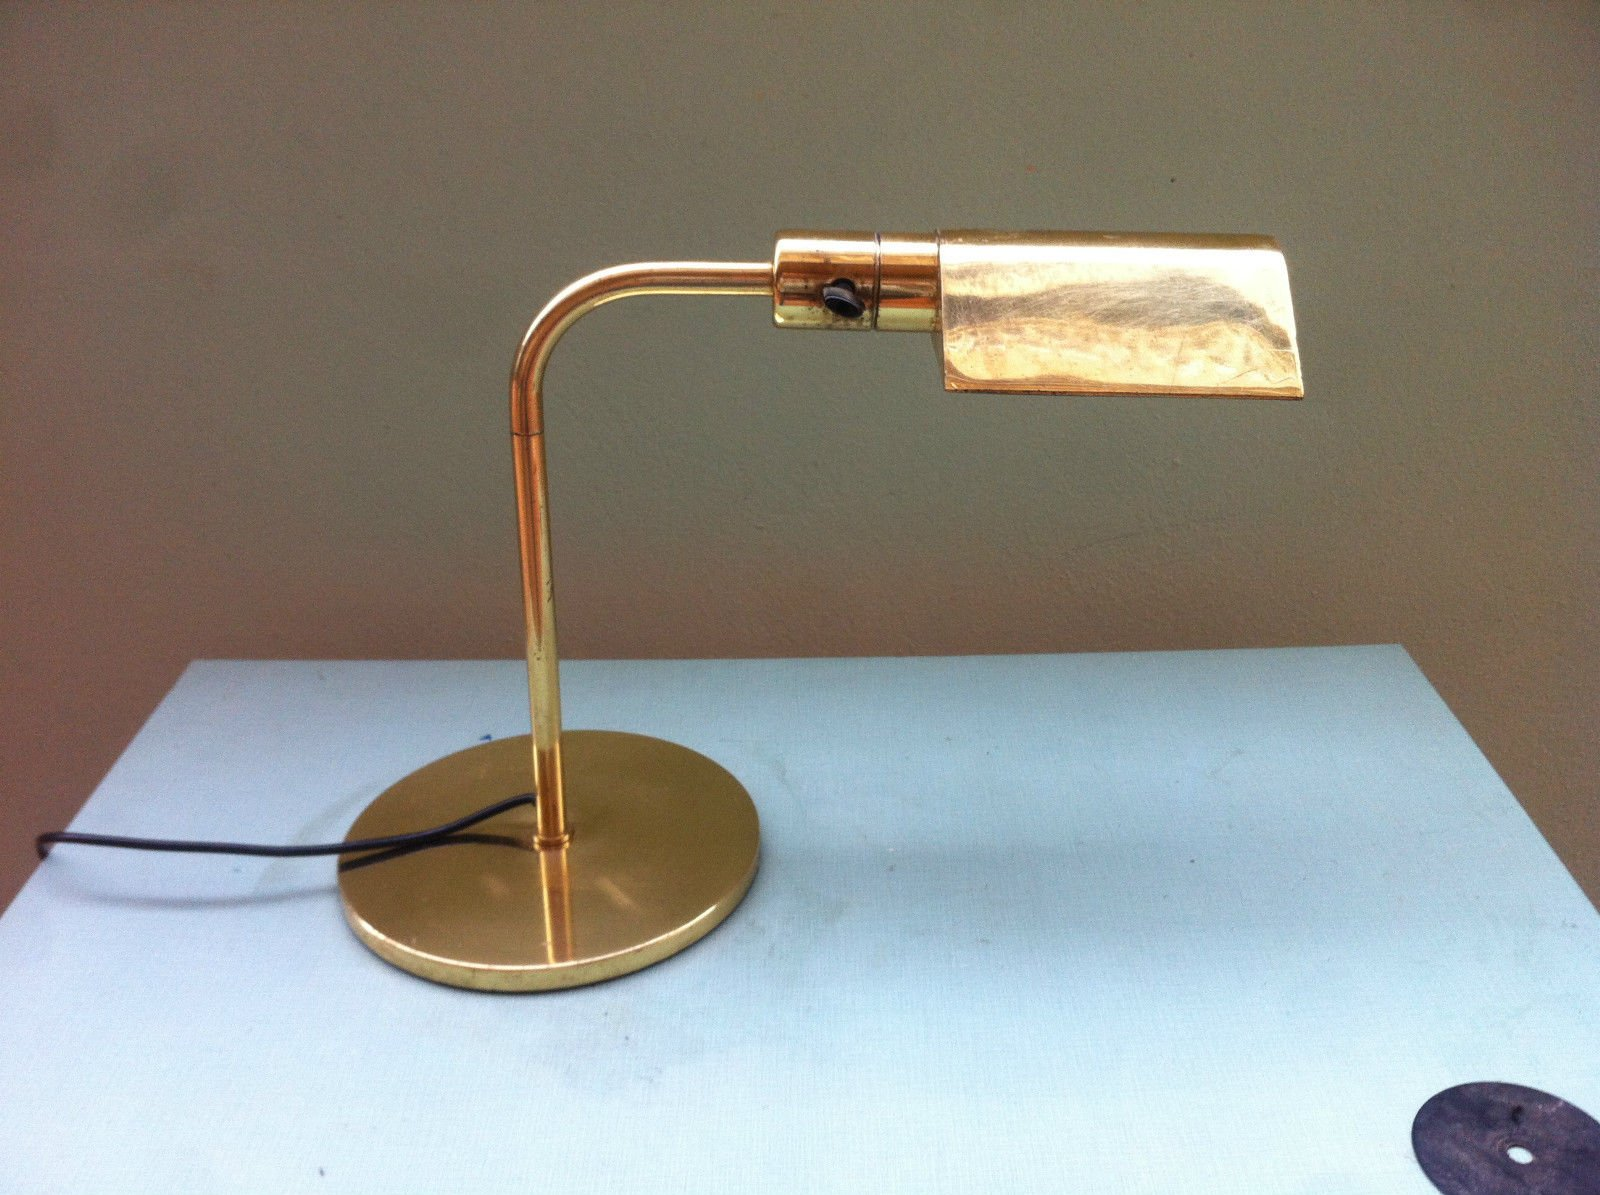 Vintage art deco desk lamp by gw hansen for metalarte for sale at vintage art deco desk lamp by gw hansen for metalarte aloadofball Images